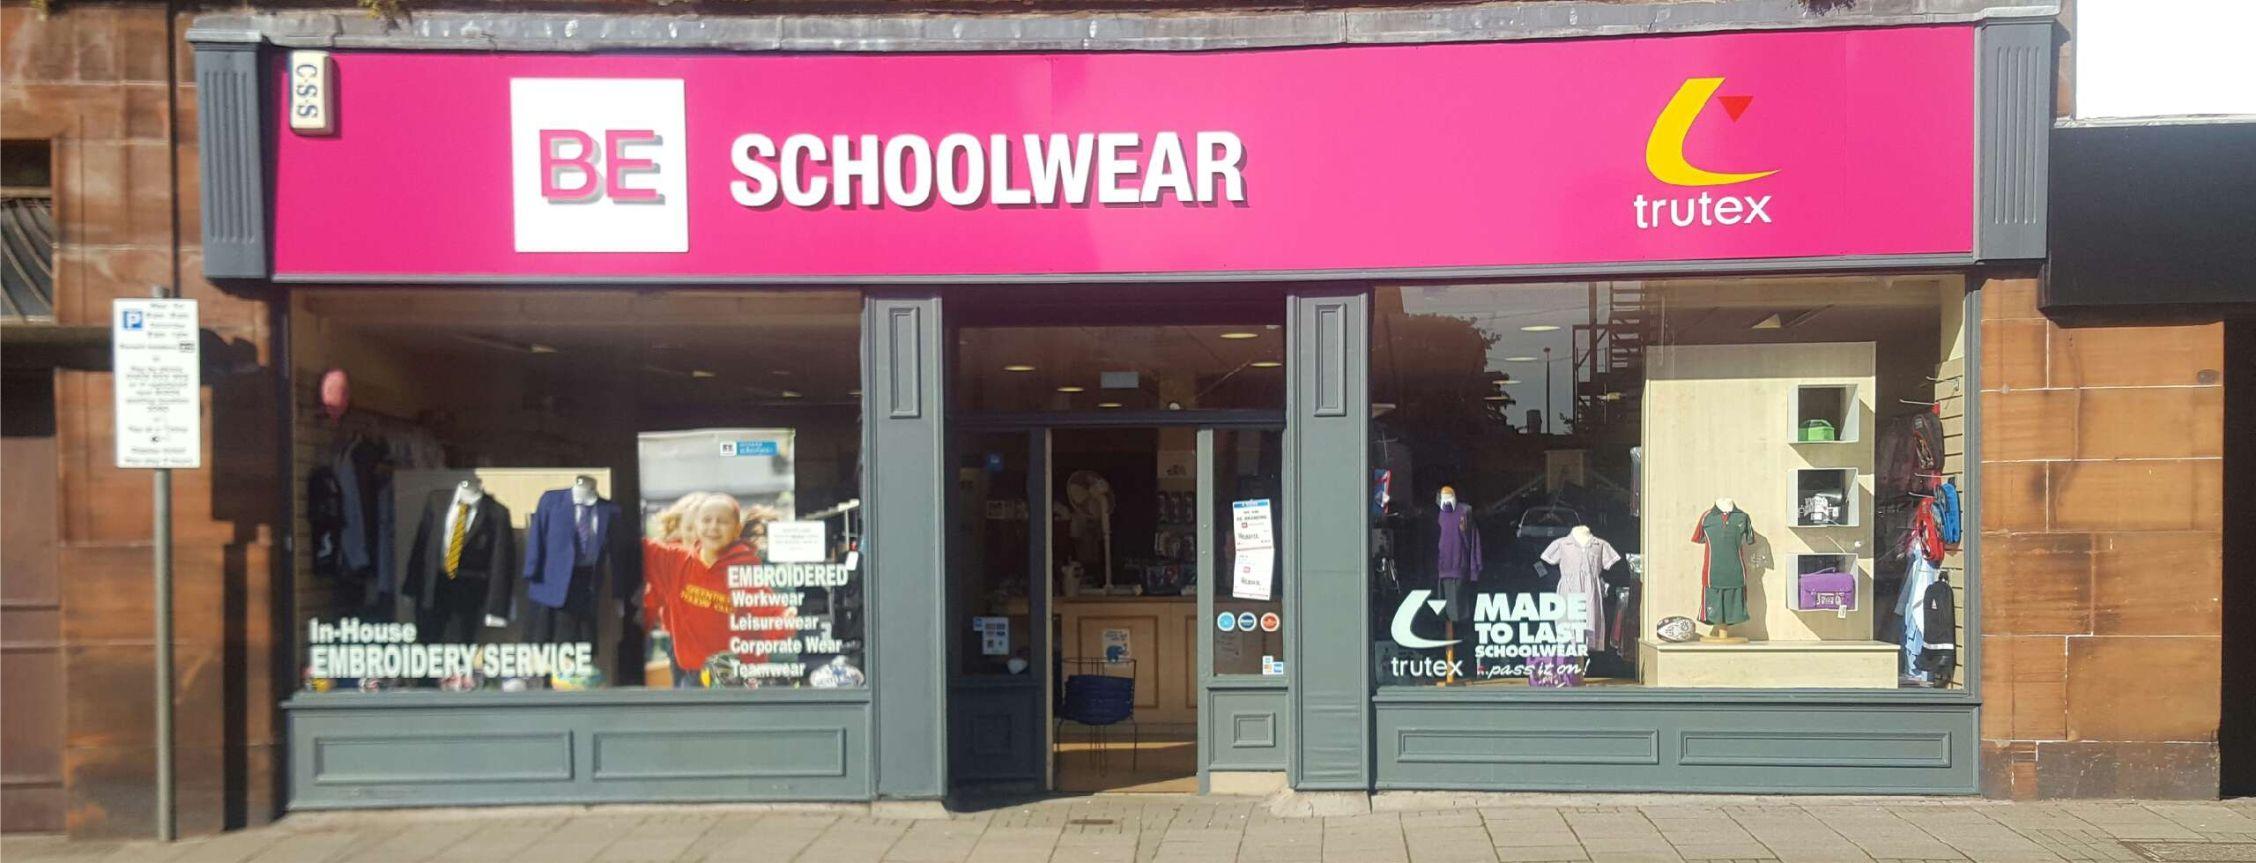 BE Schoolwear Ayr